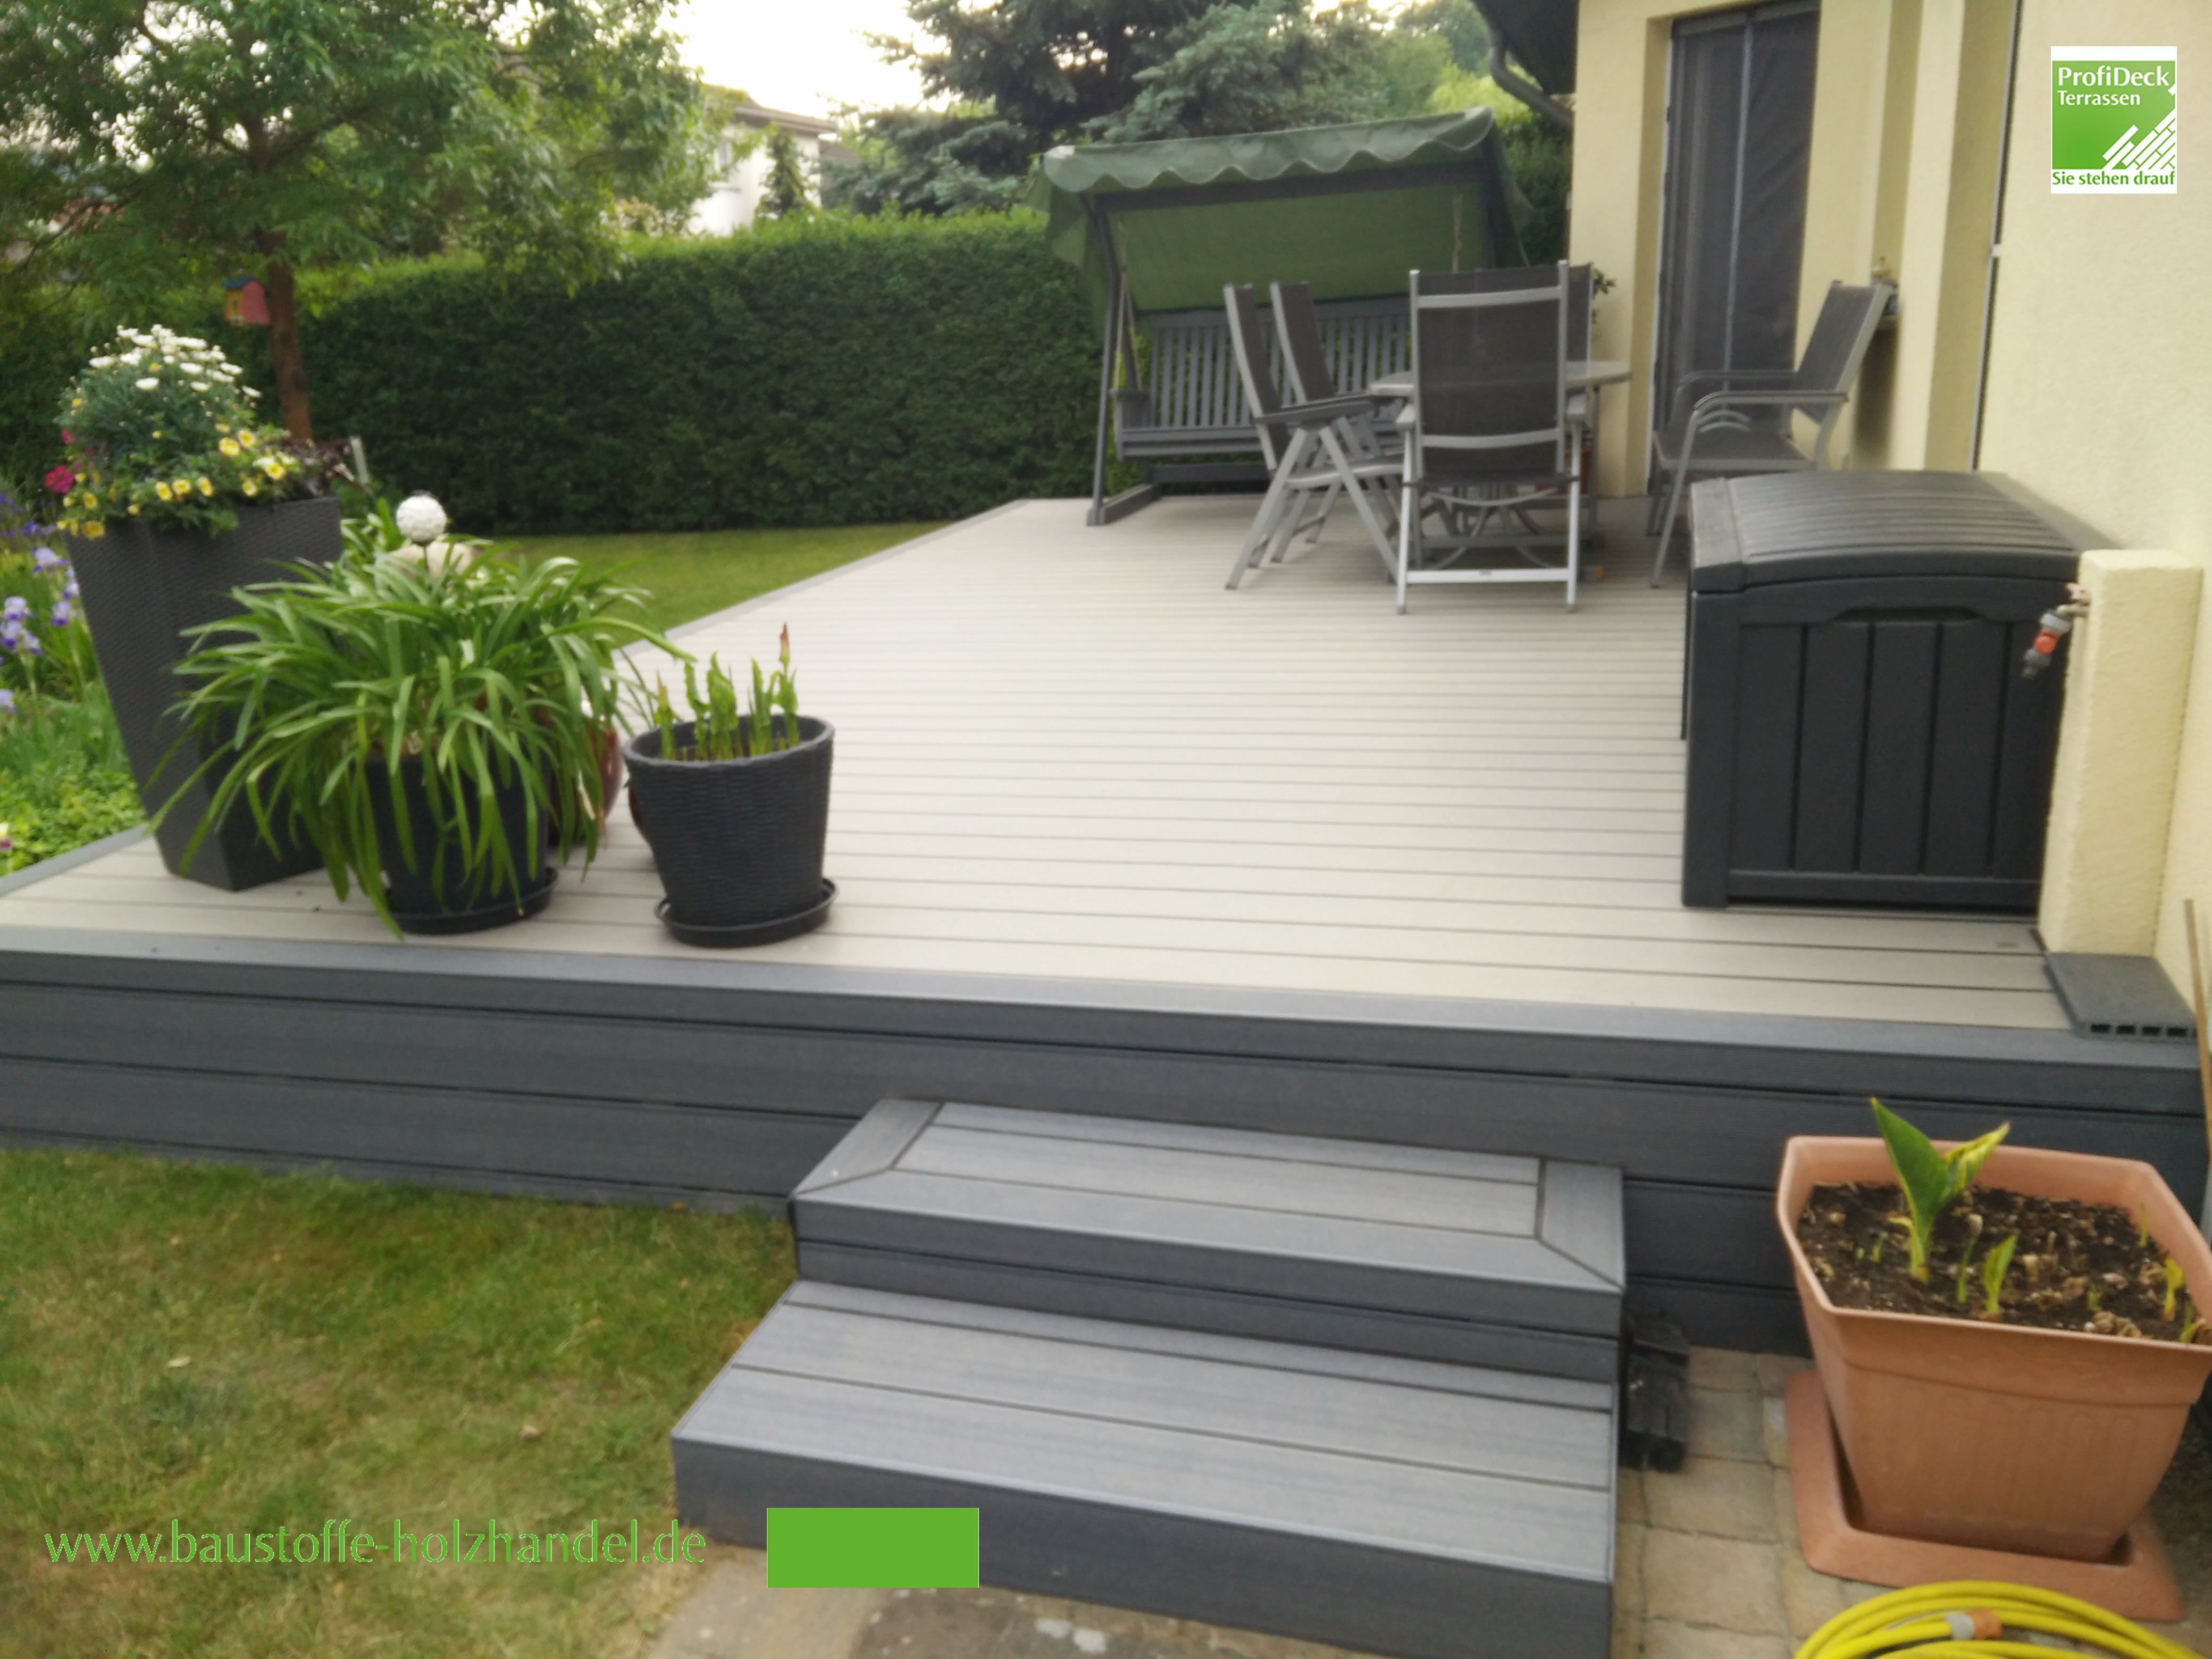 Gartenterrassen Aus Upm Profi Design Deck 150 In Silbergrun Und Rand